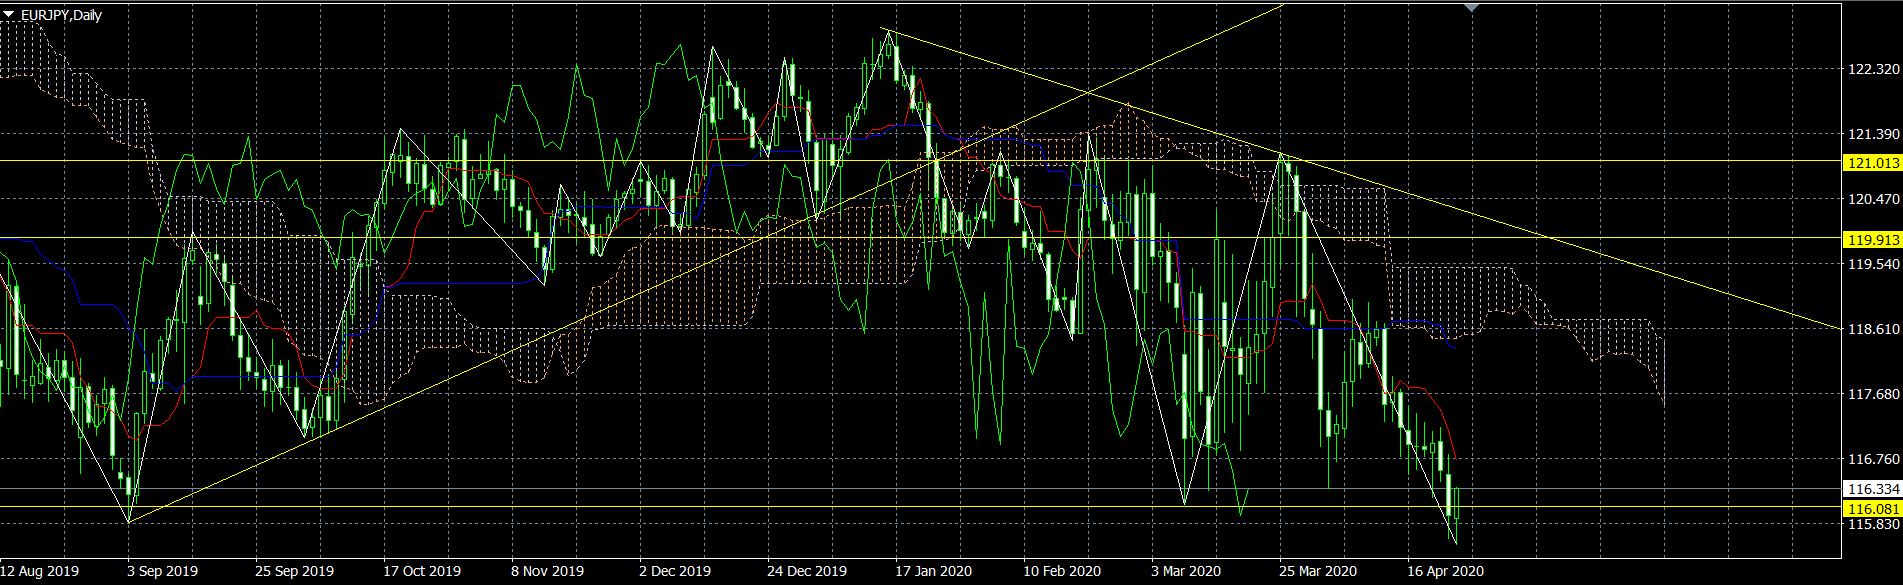 ユーロ円予想見通しチャート20200427